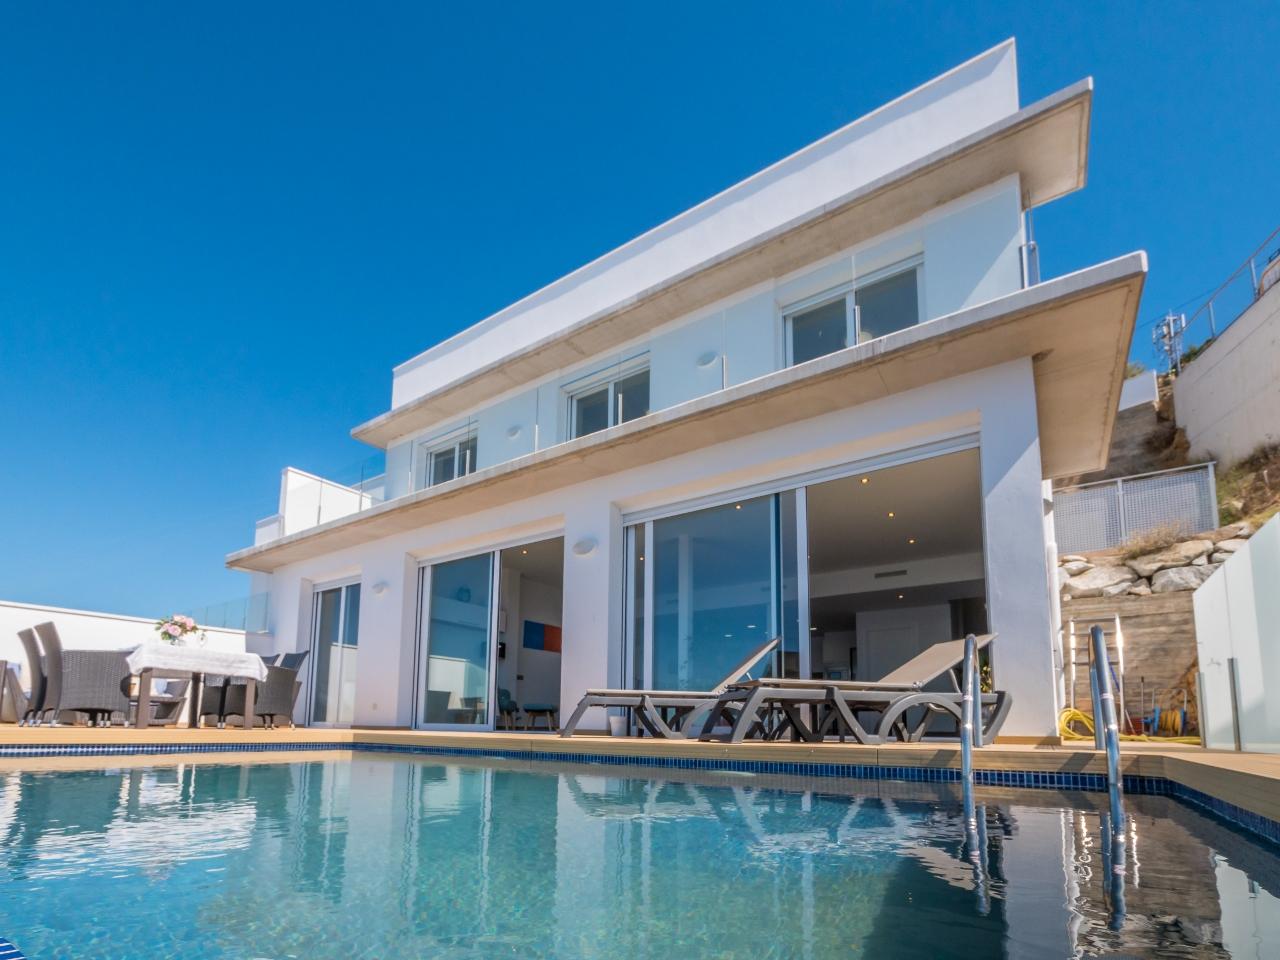 Turo villa 1 casa en alquiler en roses costa brava - Casas alquiler costa brava ...